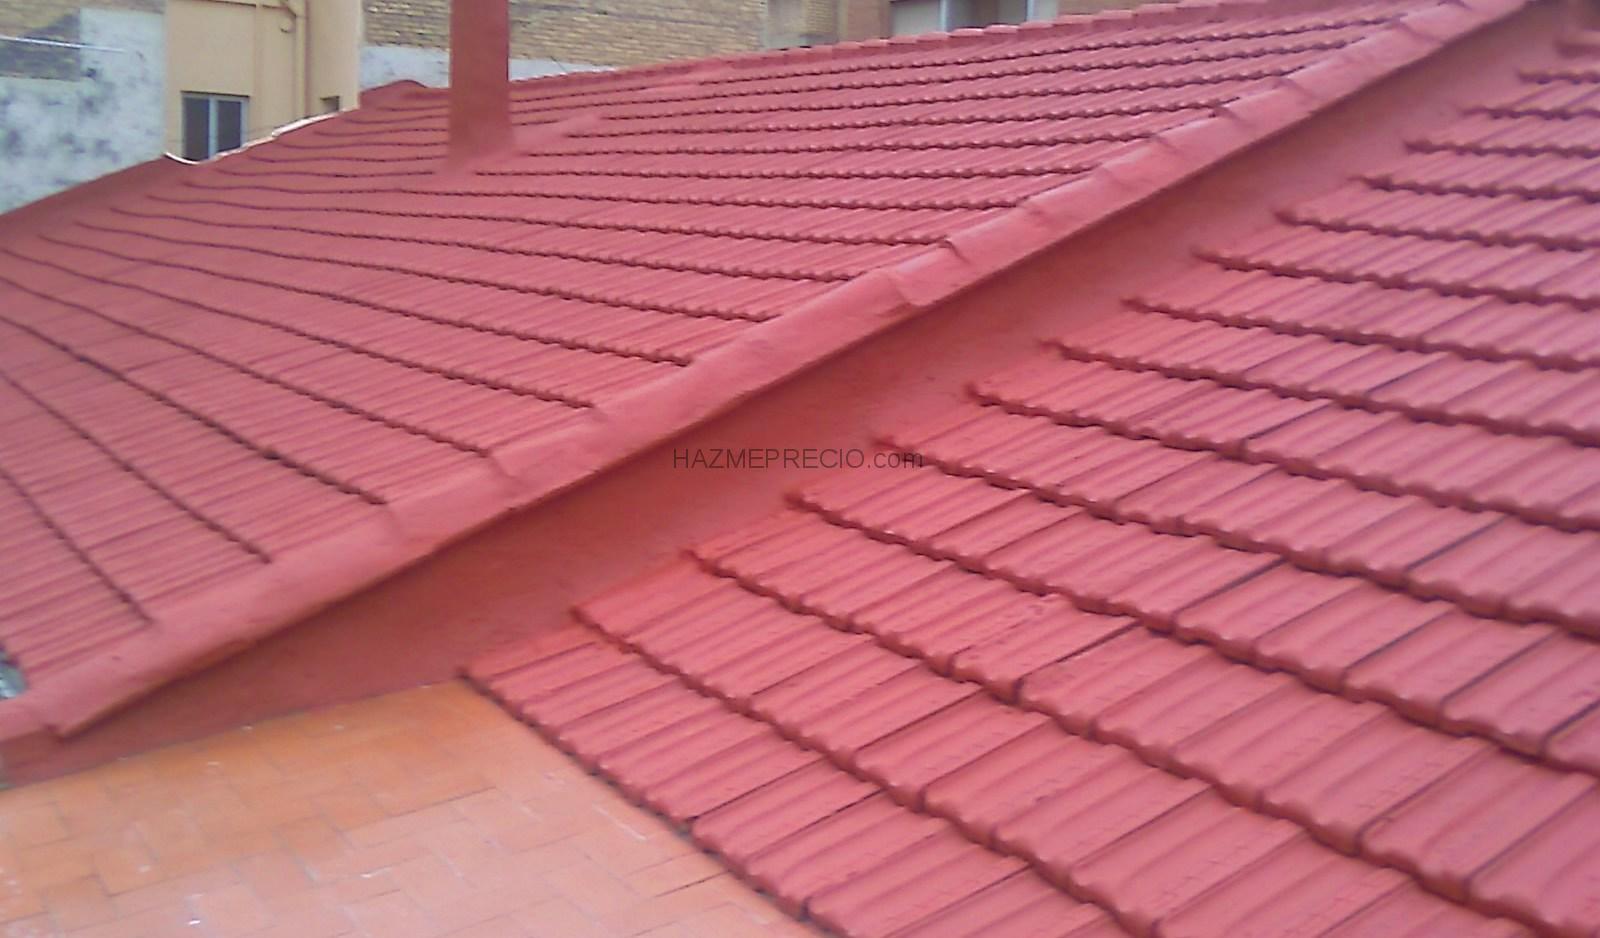 Presupuesto para poner tela asfaltica en terraza 45 m for Tela asfaltica precio m2